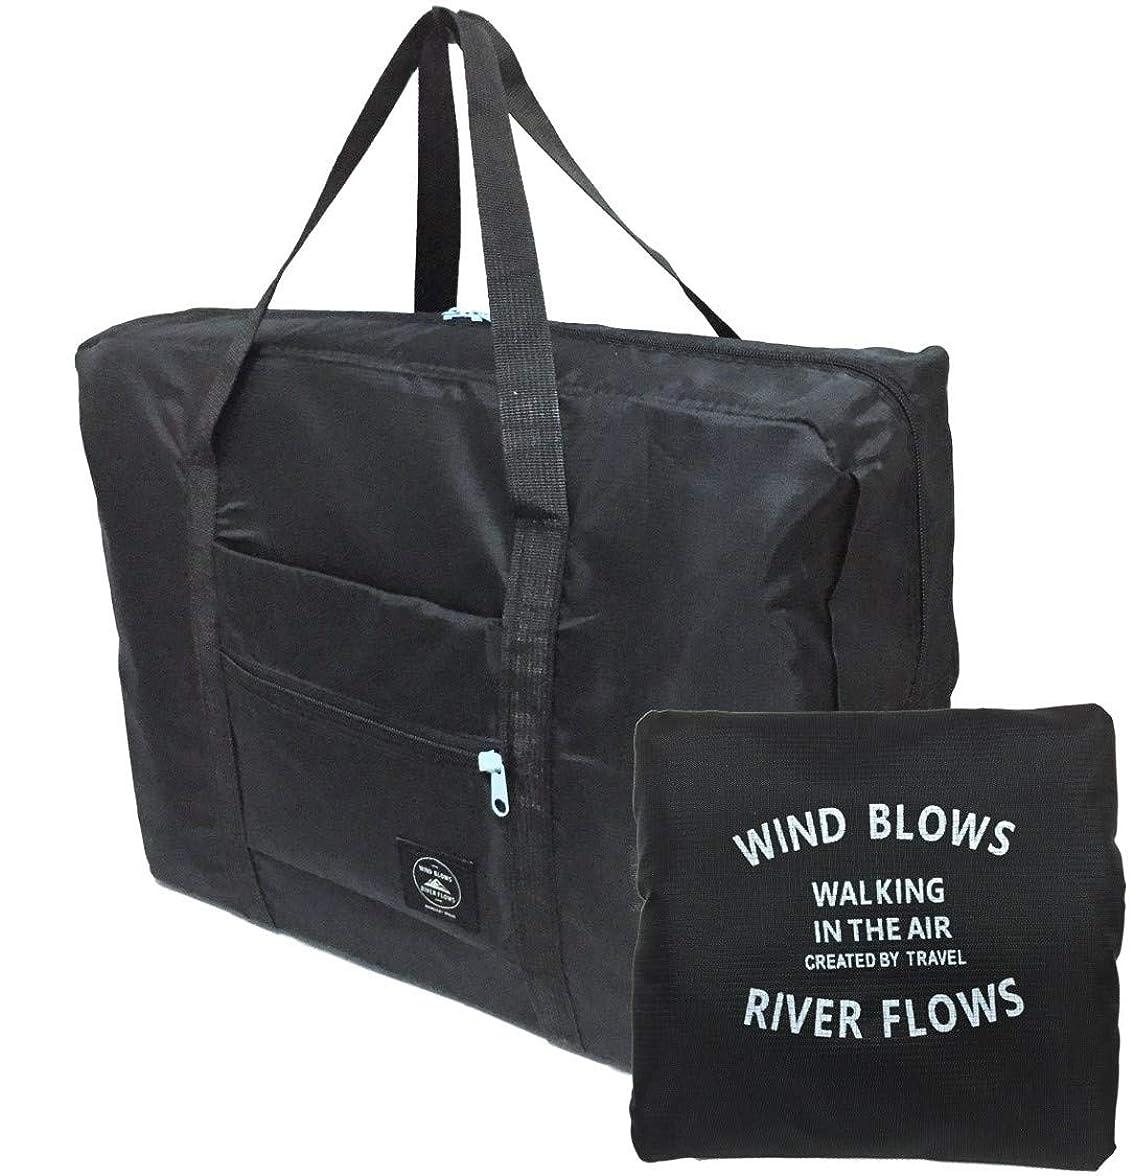 紛争続ける故意の【POSITIVE】 折りたたみ ボストンバッグ 収納ポーチ付 大容量32L 機内持込可 スーツケース固定可 保証書付